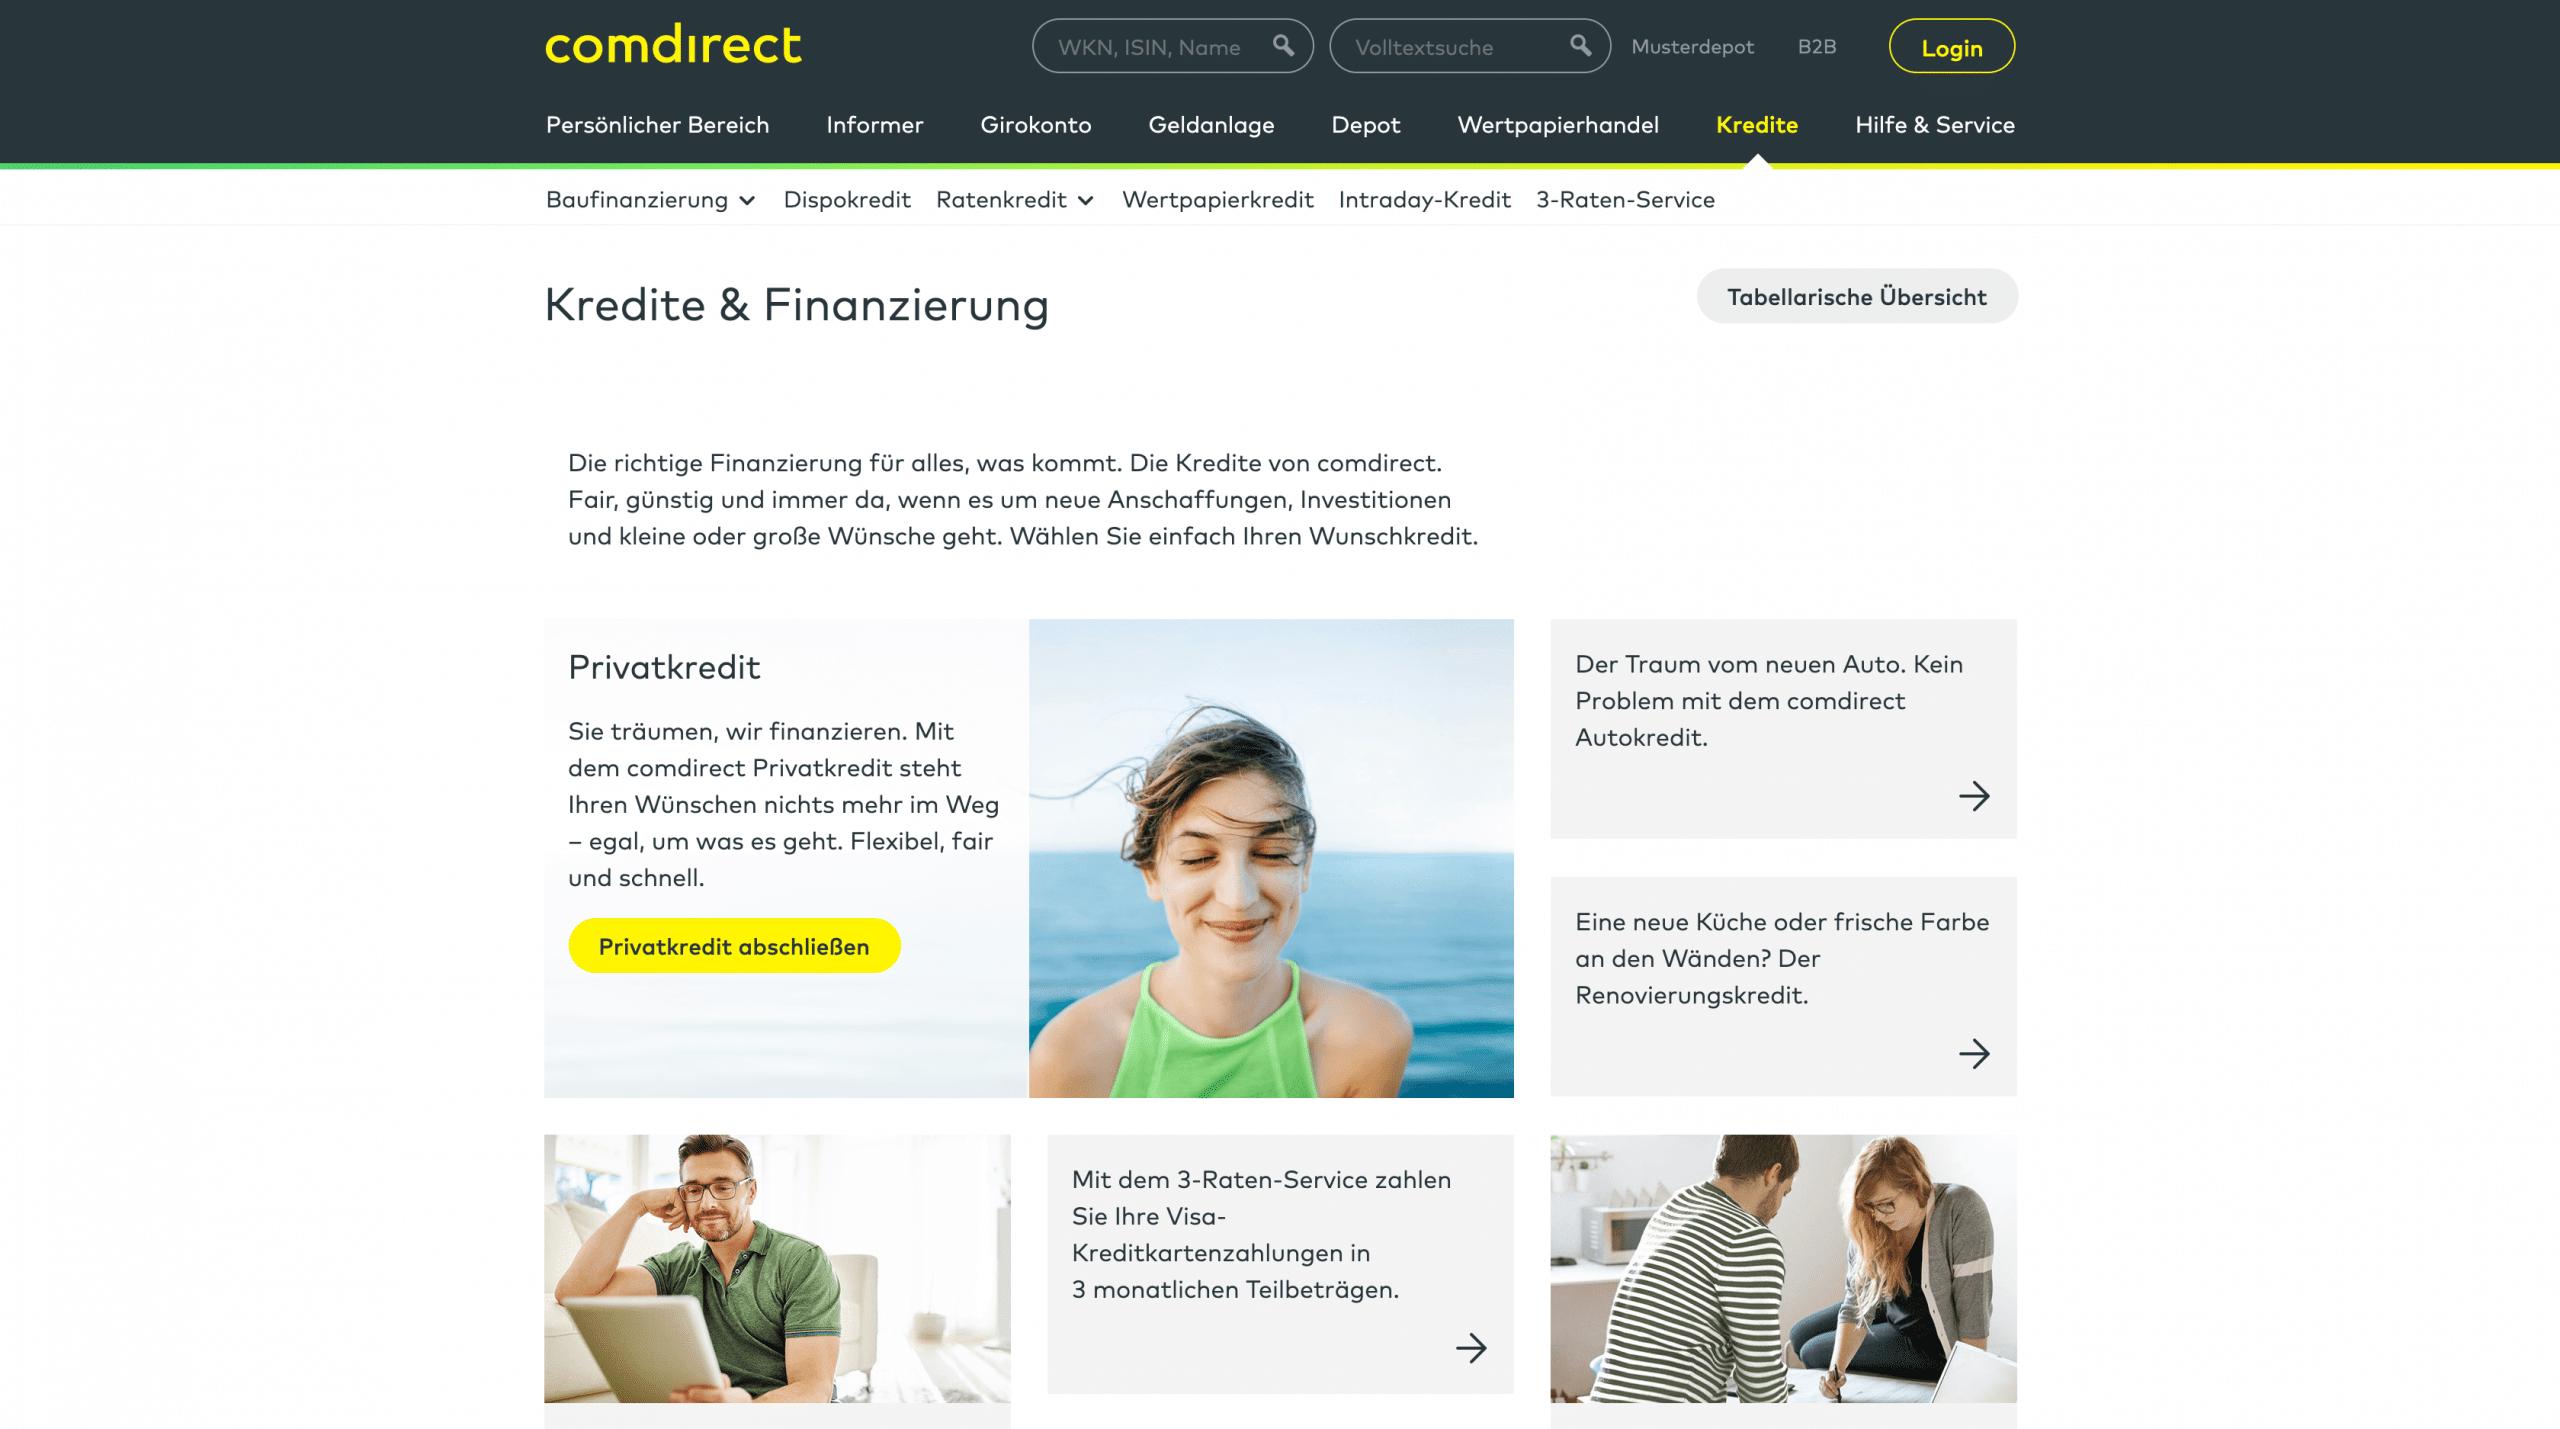 Comdirect Kredite